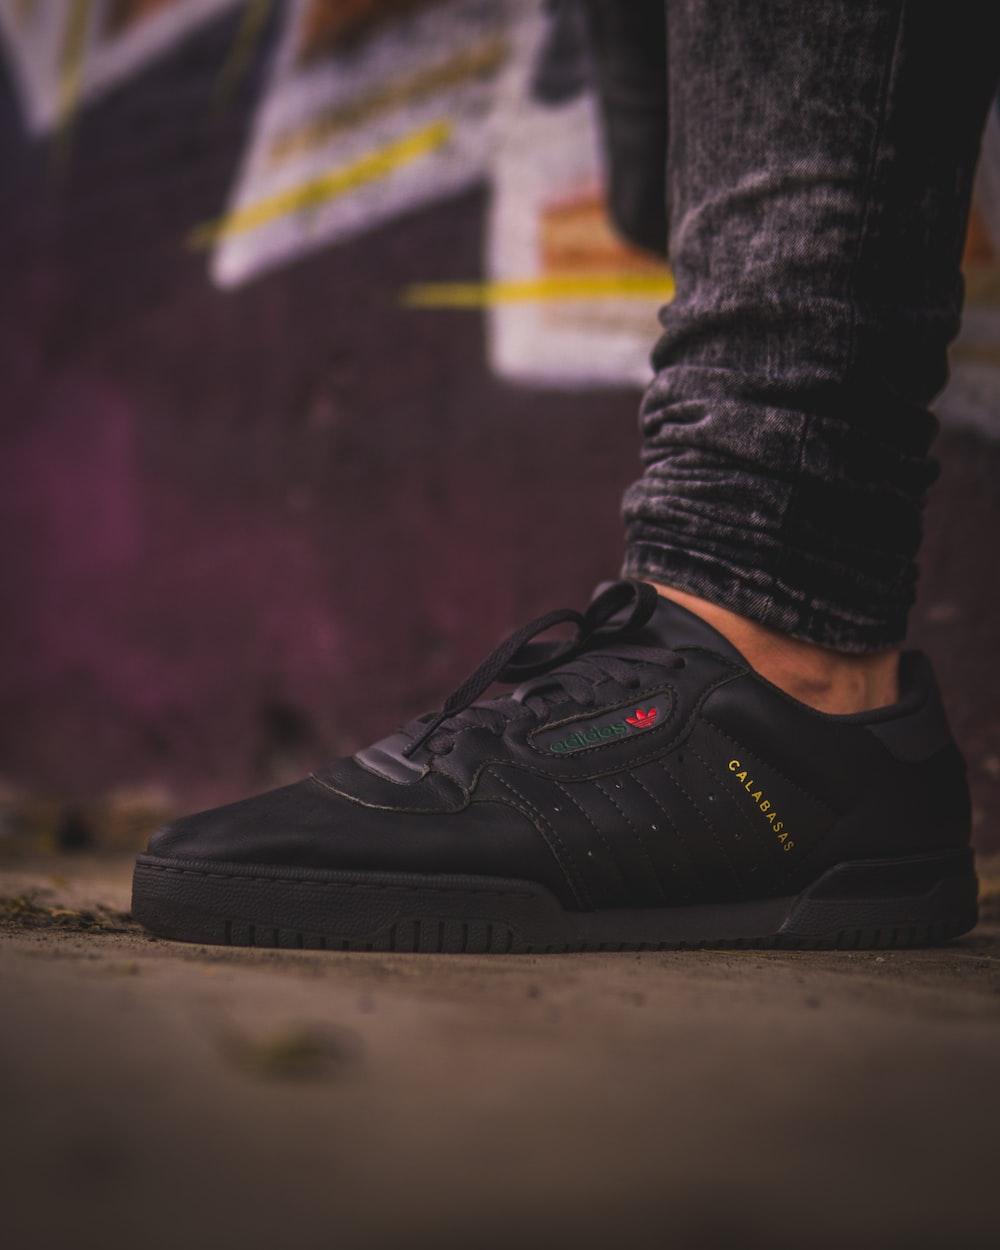 black adidas Calabasas shoe